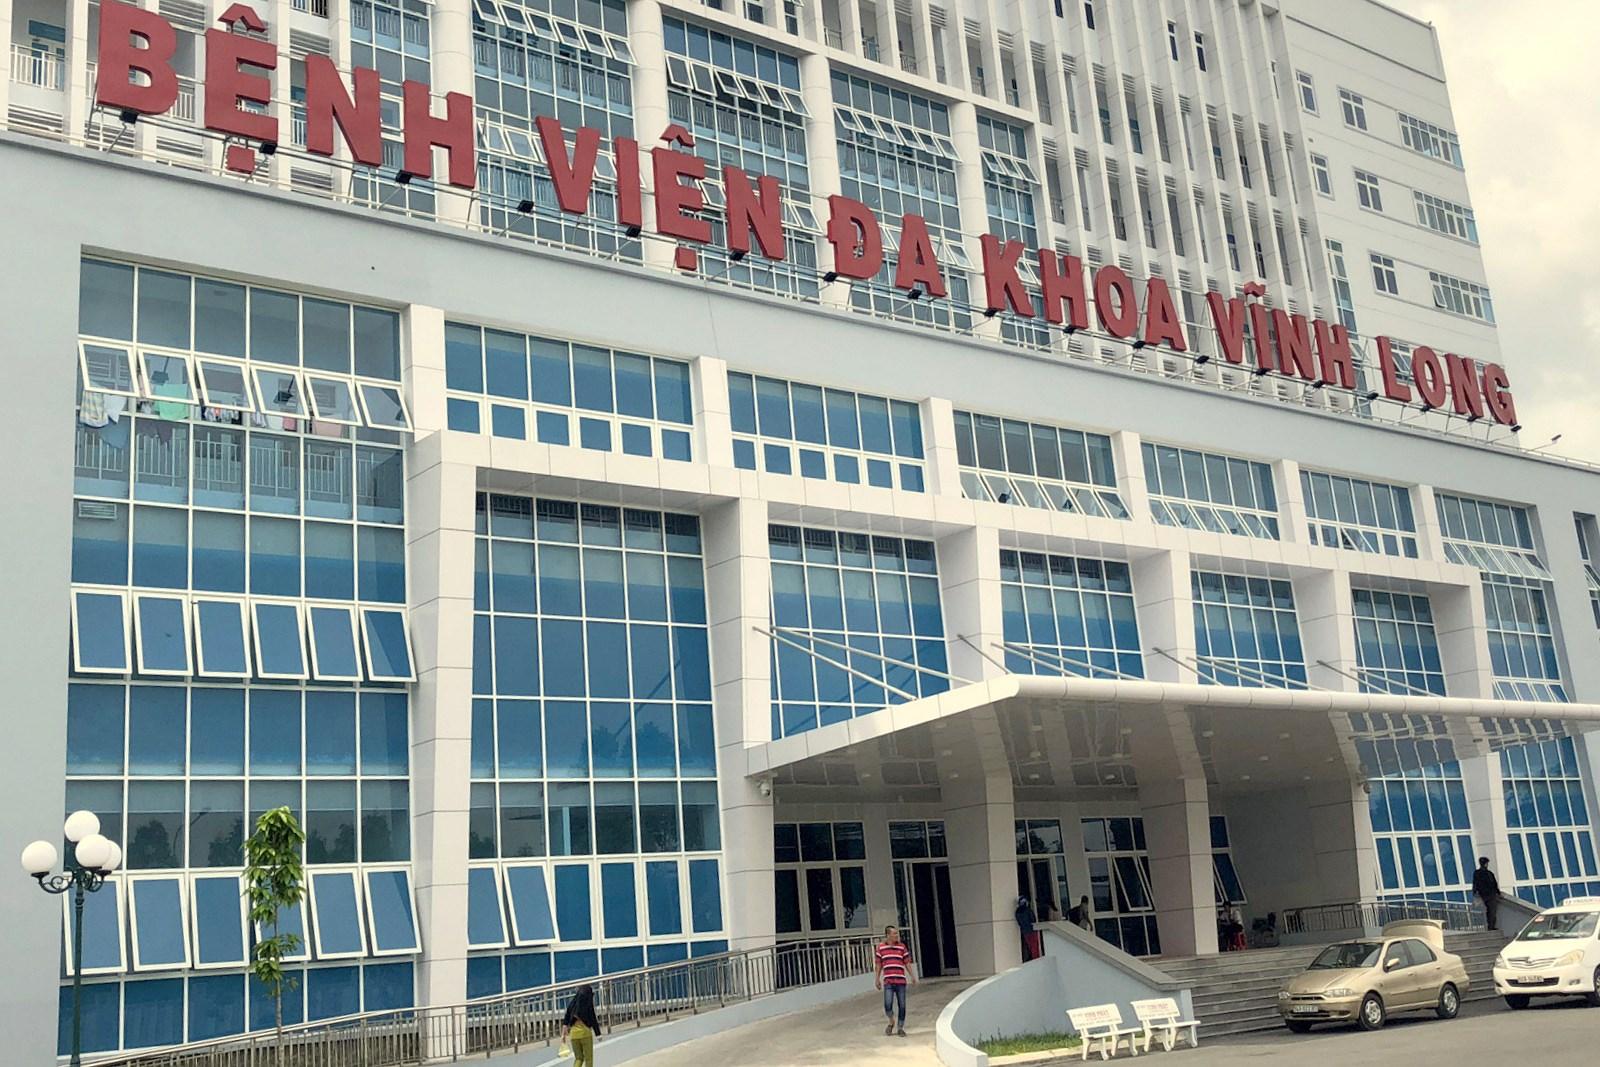 Vách ngăn vệ sinh 3V nâng cấp diện mạo Bệnh viên Đa khoa tỉnh Vĩnh Long